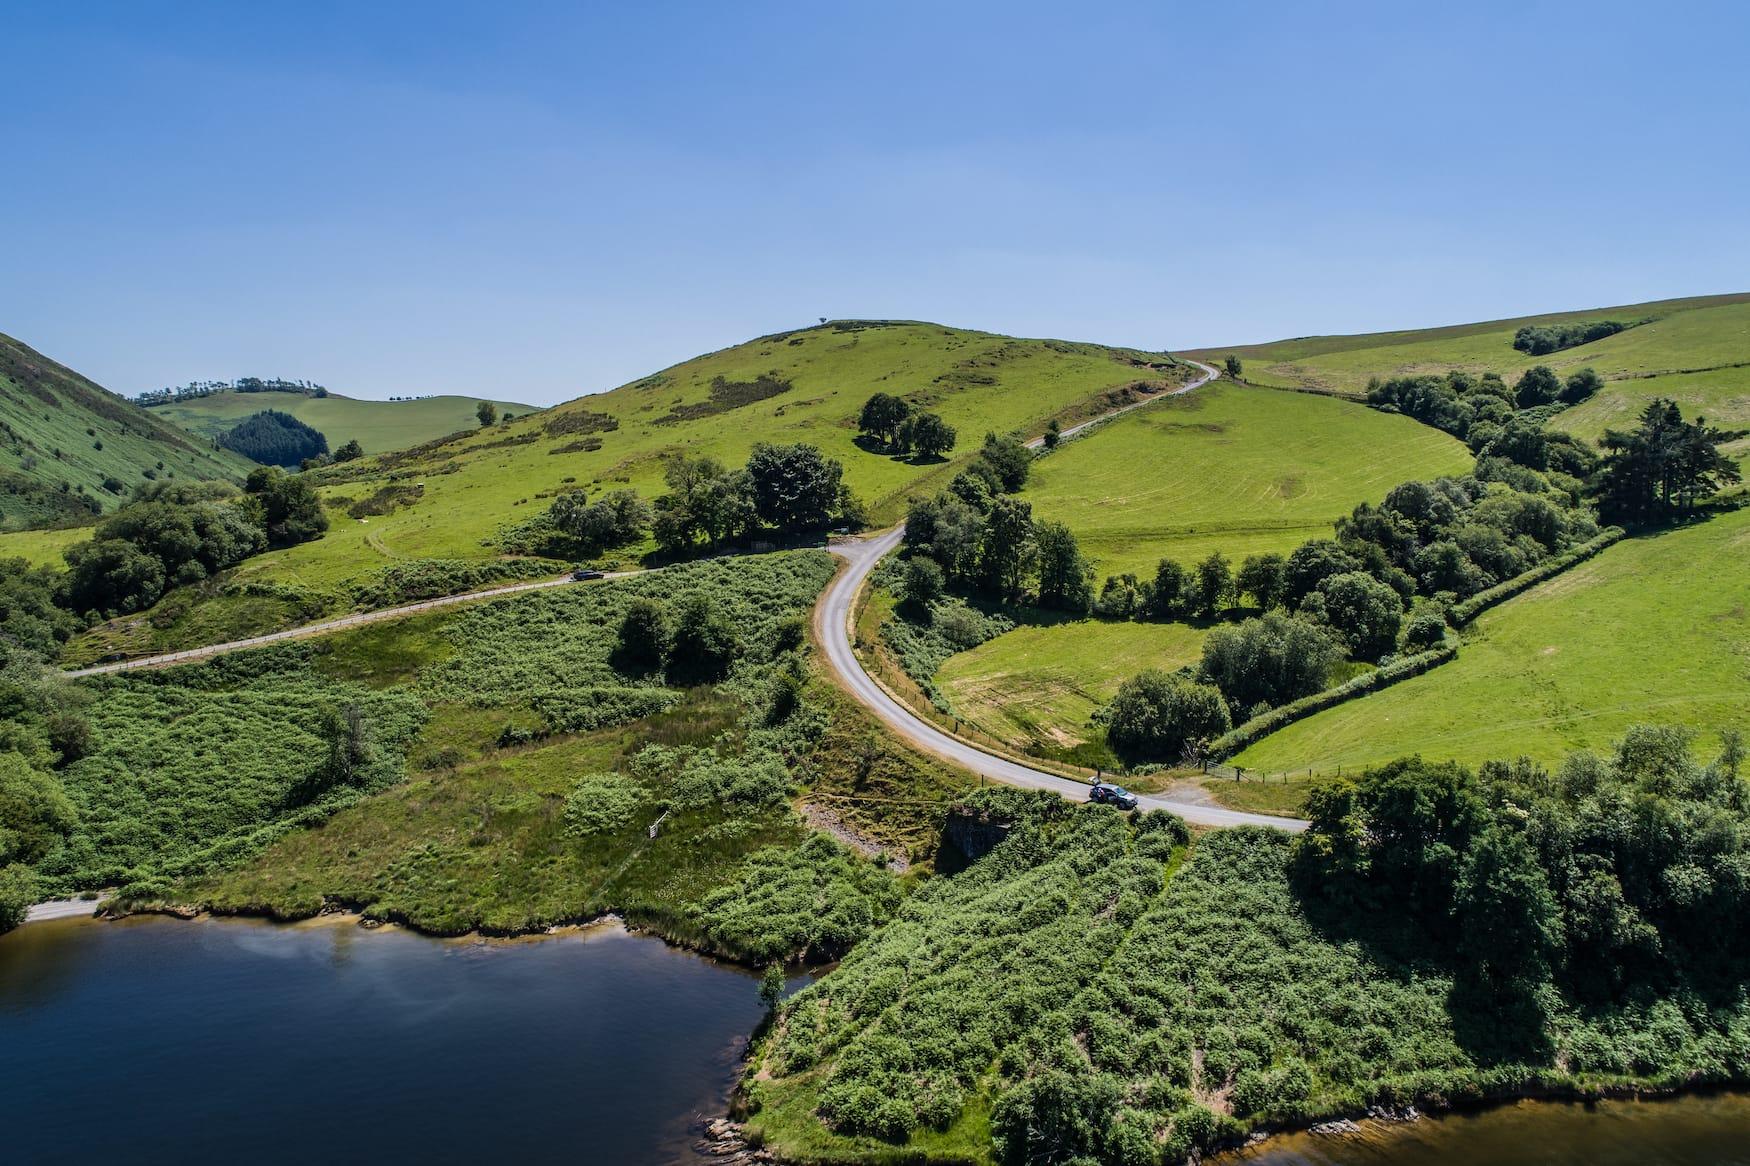 Schöne Orte in Wales: Der Llyn Clywedog Dam in Llanidloes